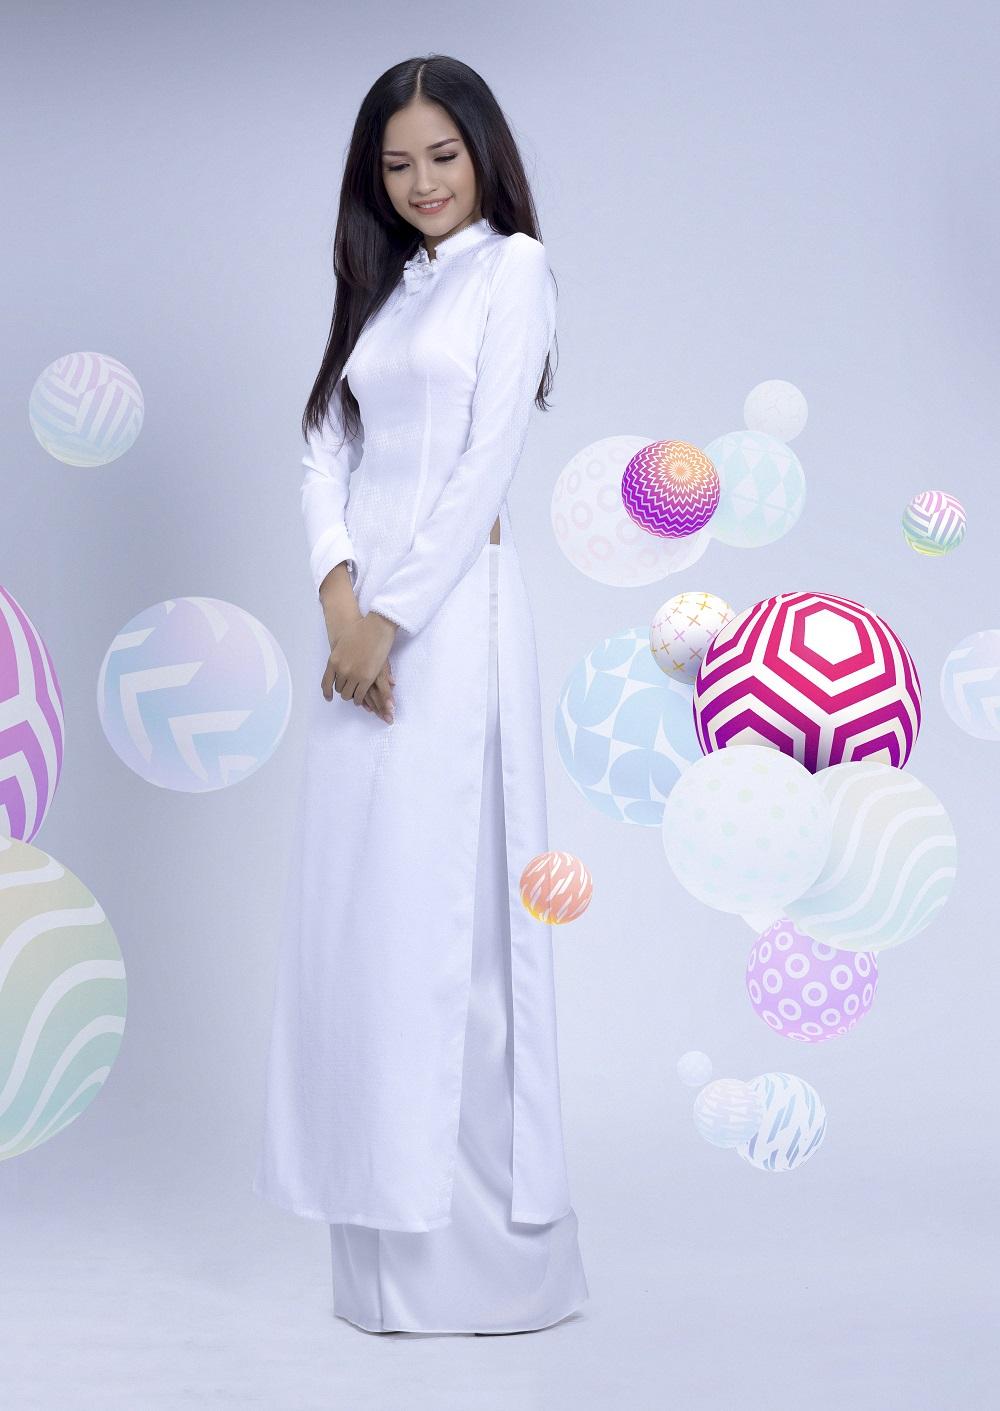 Đẹp tinh khôi với áo dài trắng lấy cảm hứng từ hội họa - Ảnh 2.